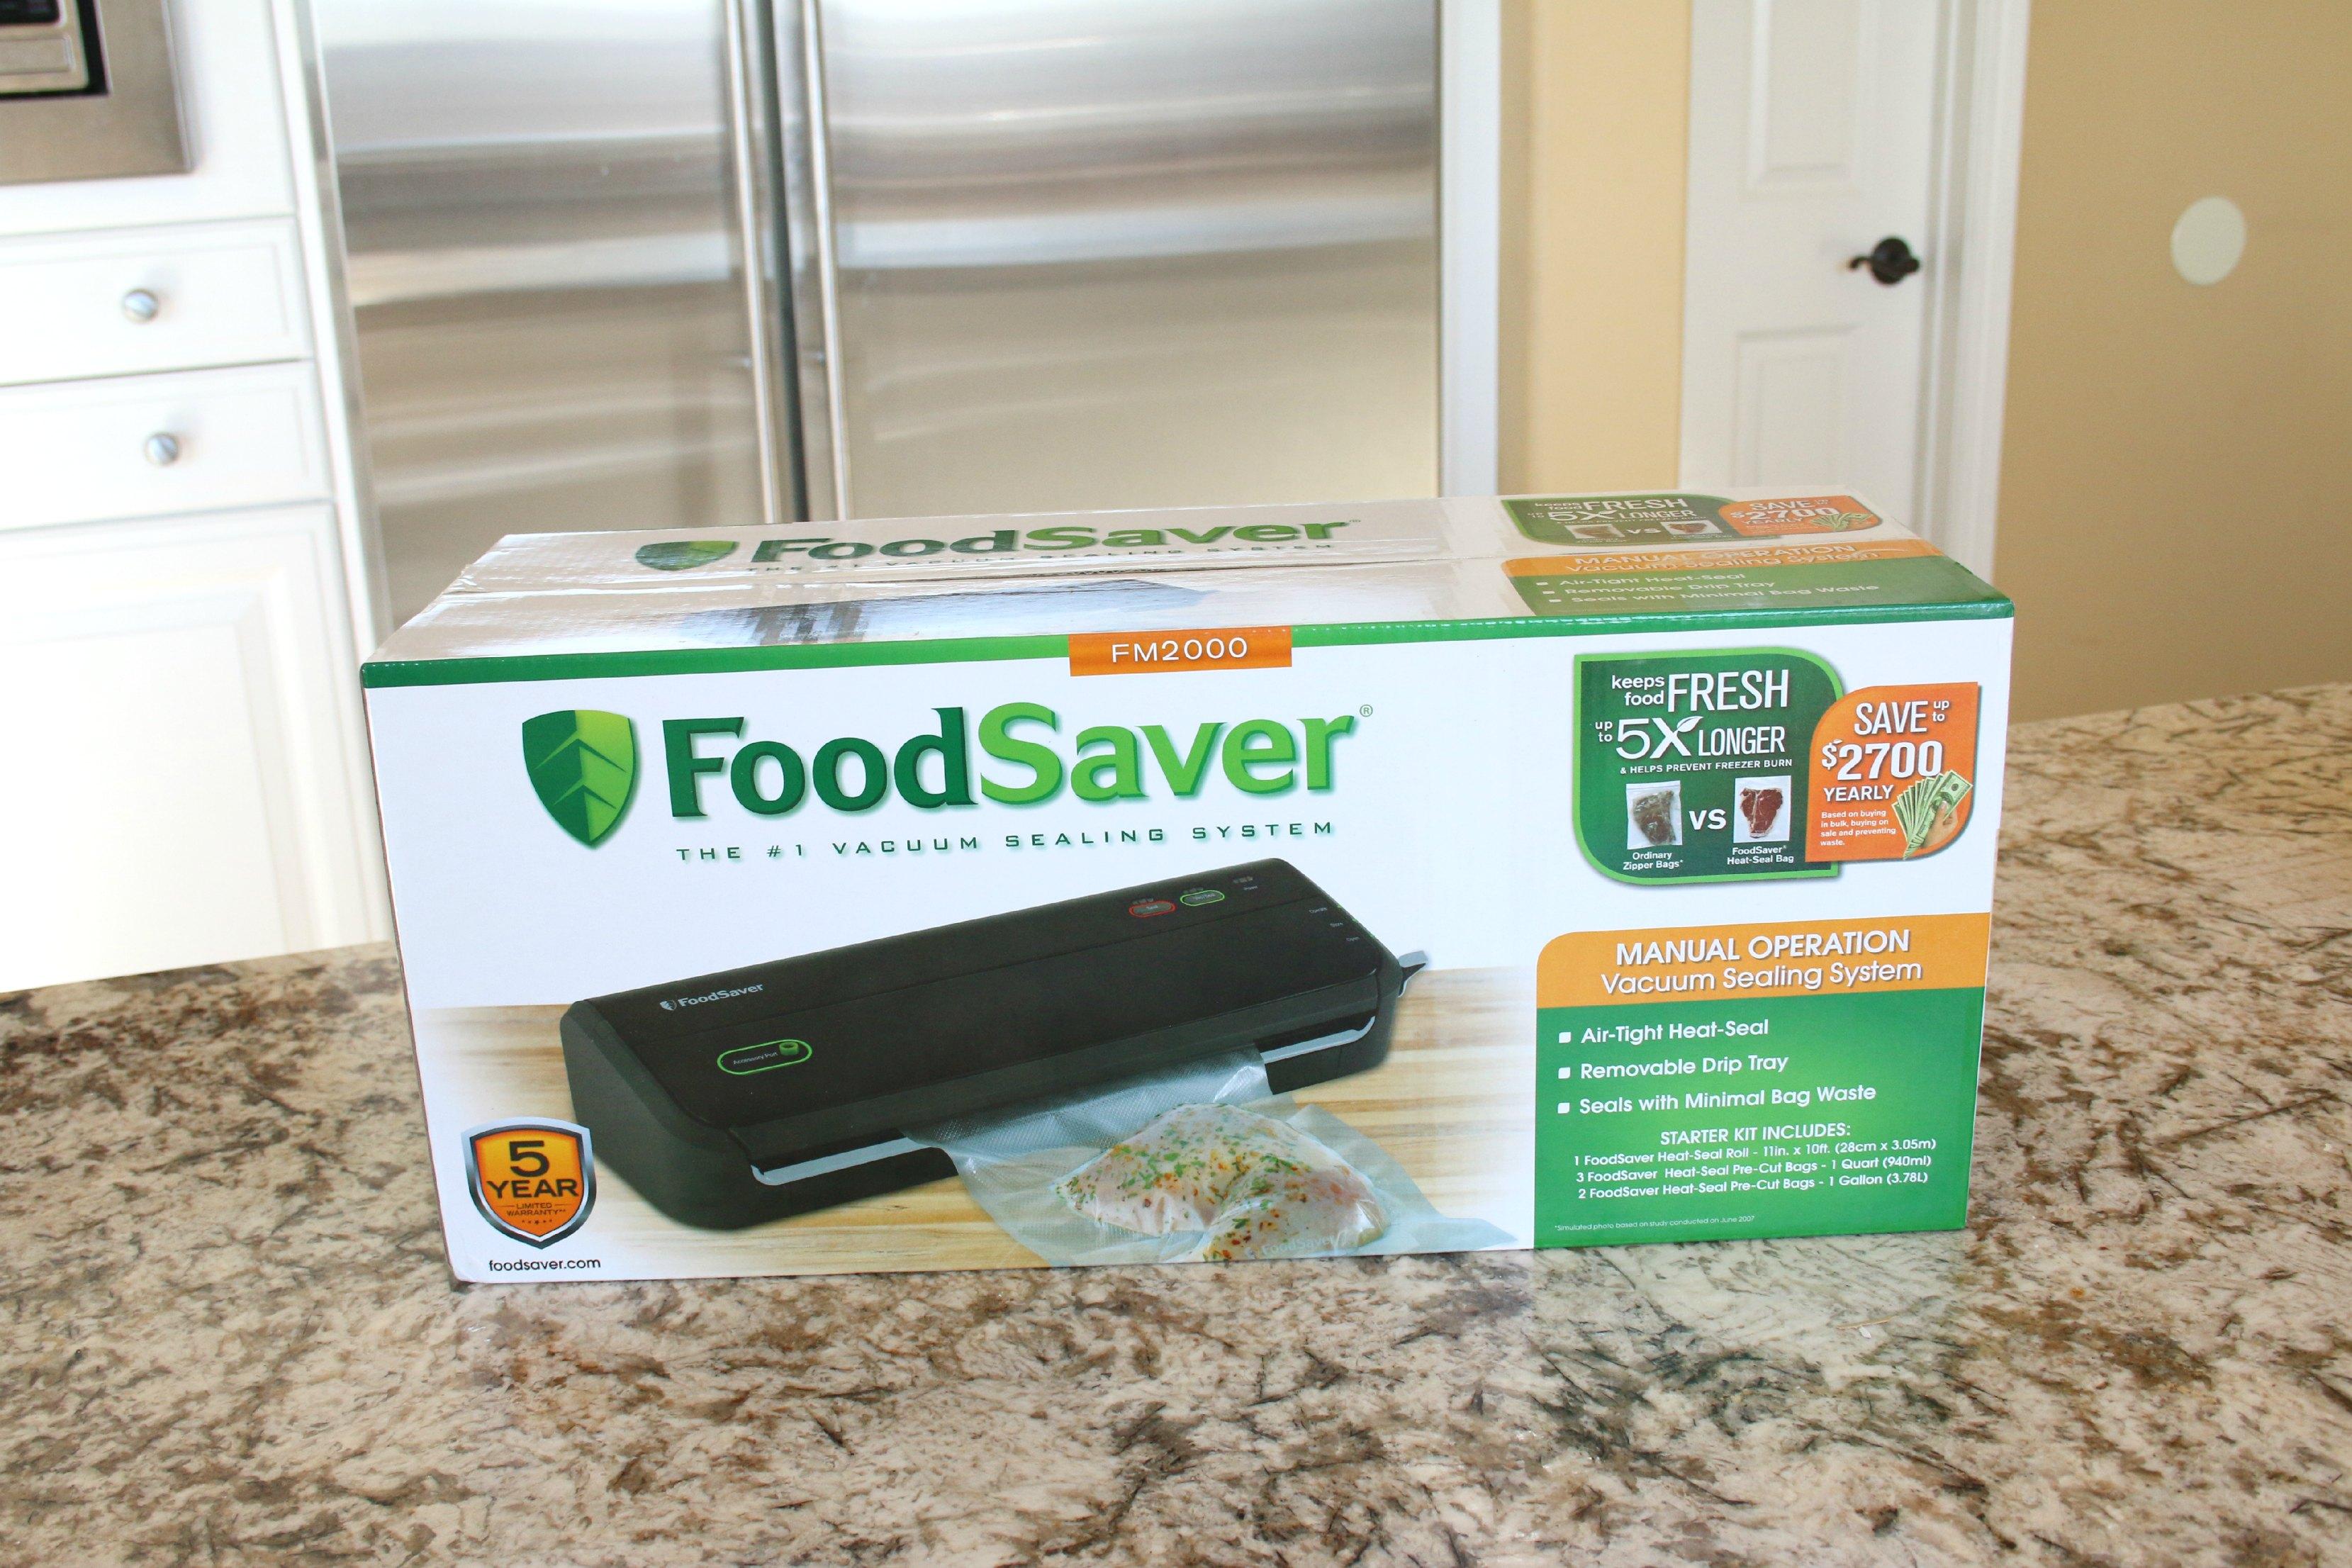 foodsaver review